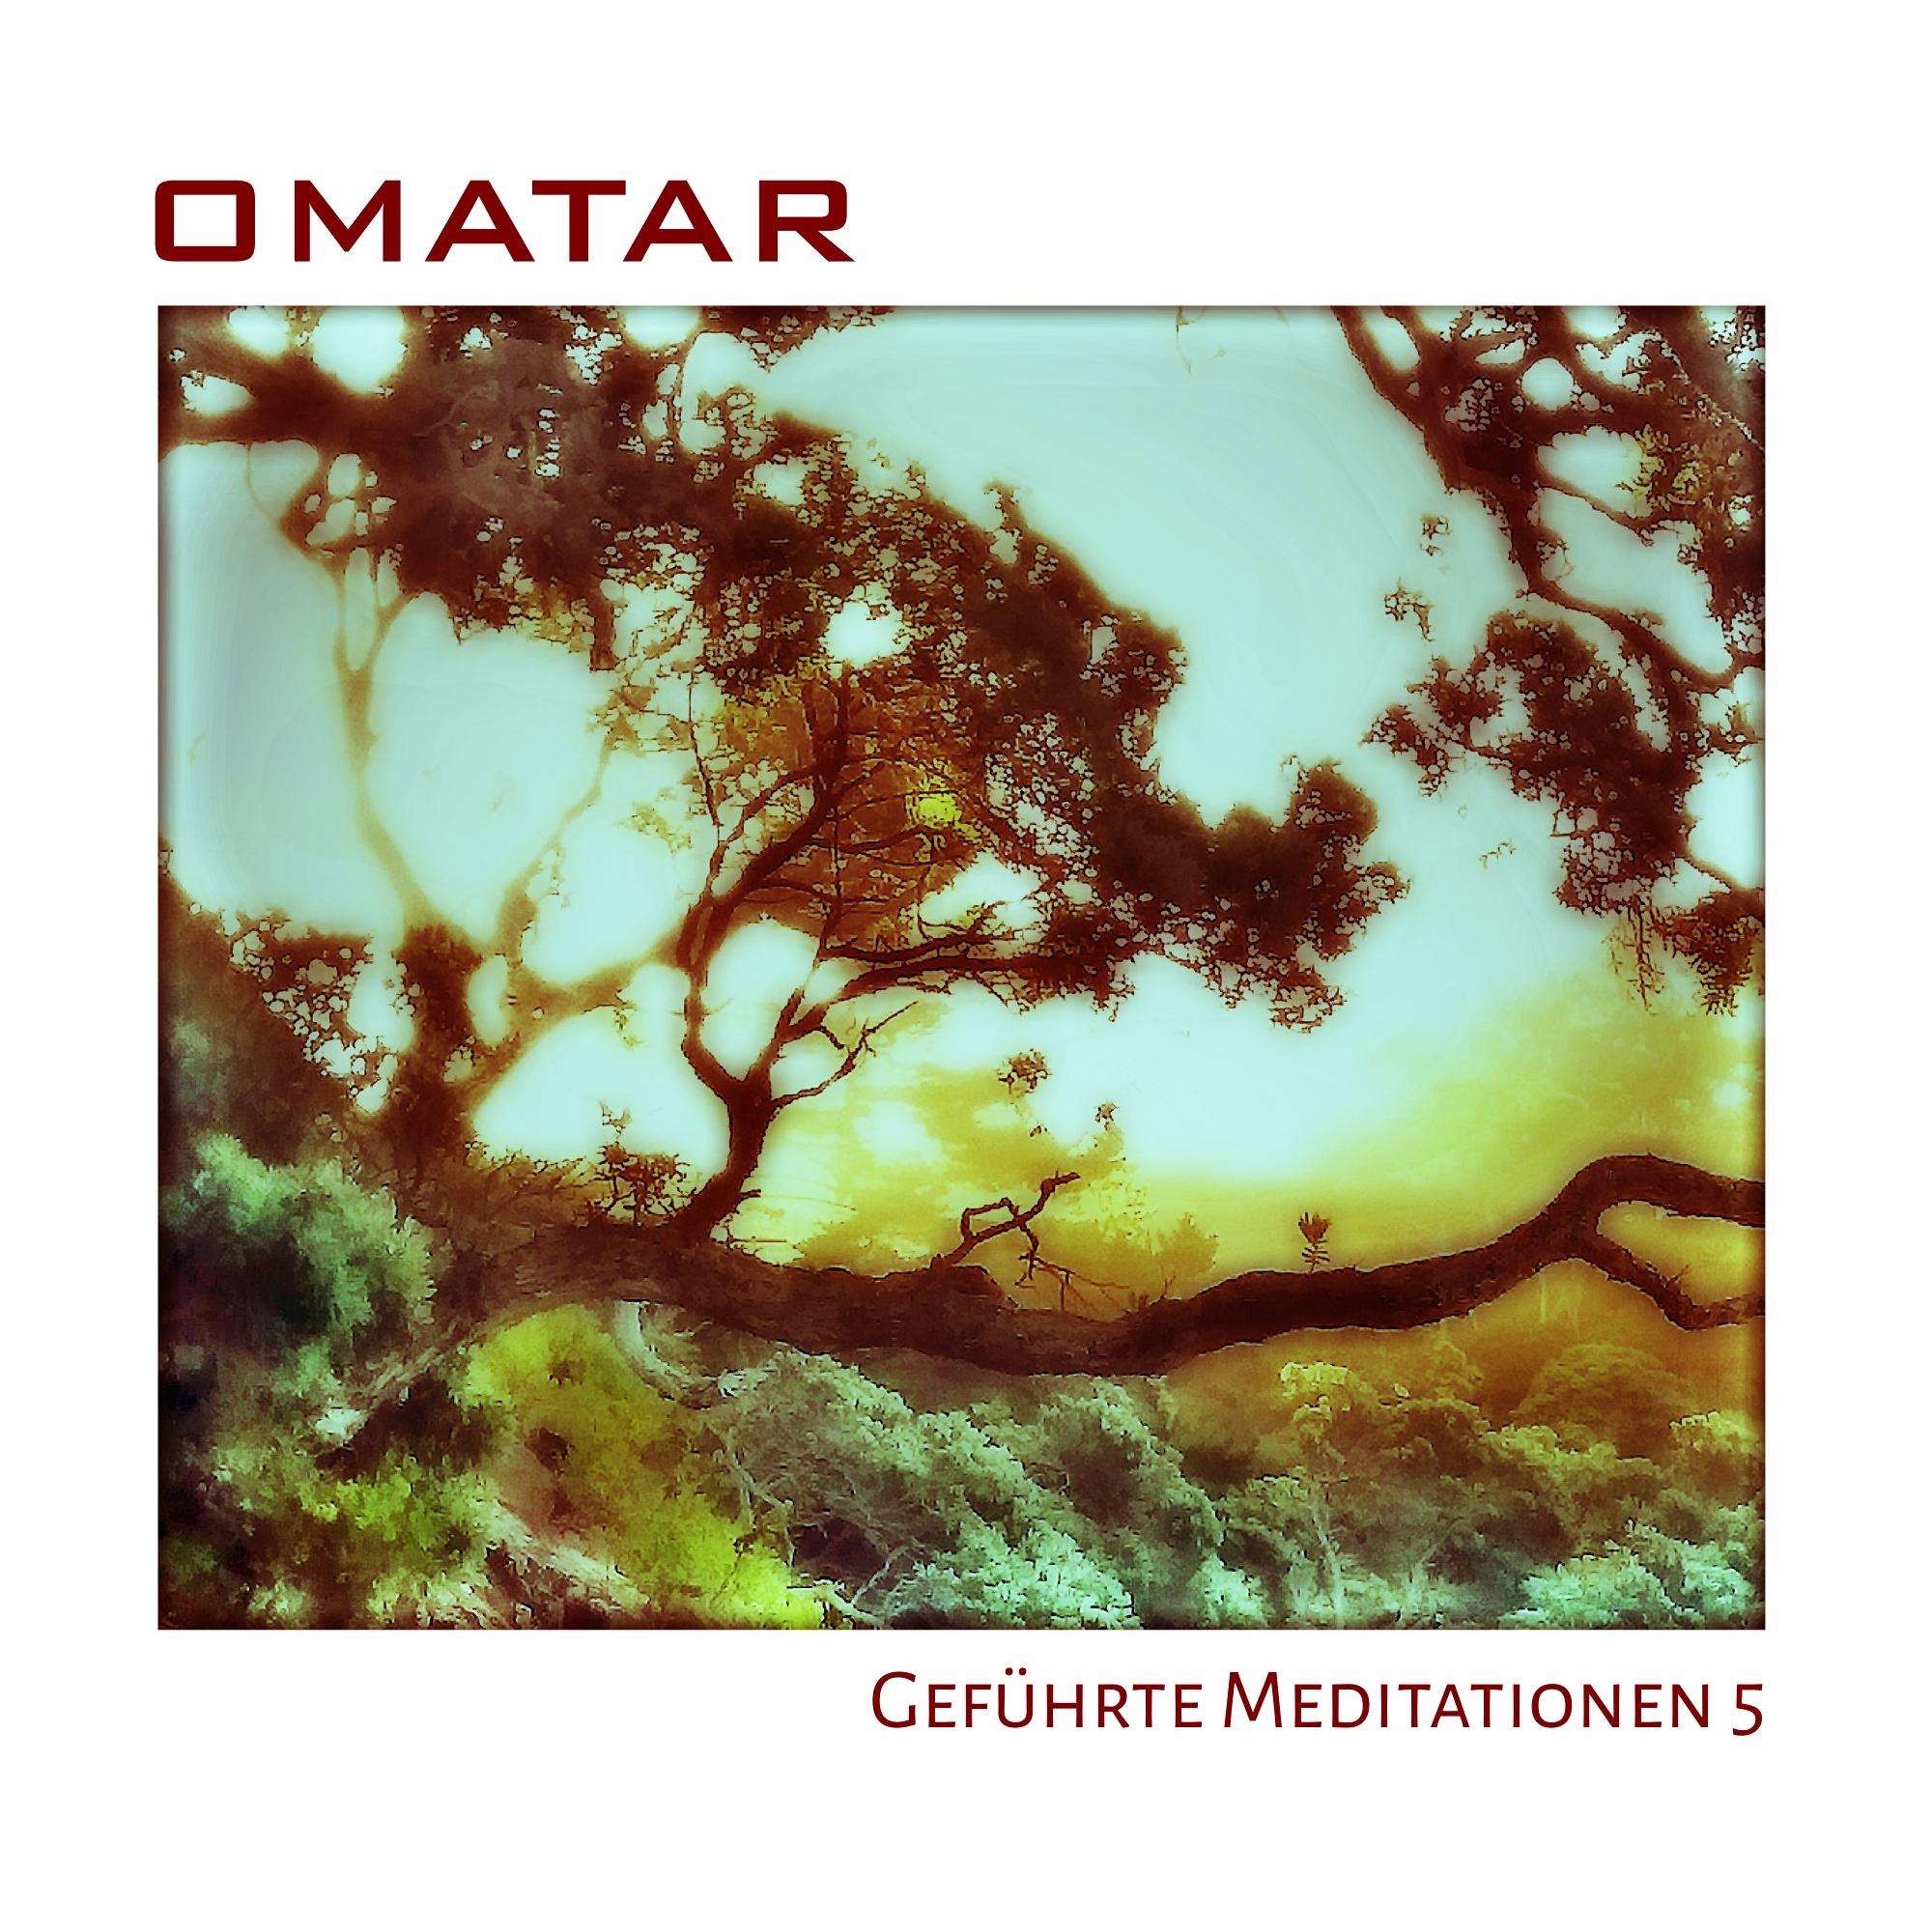 Omatar-geführte-Meditationen-5